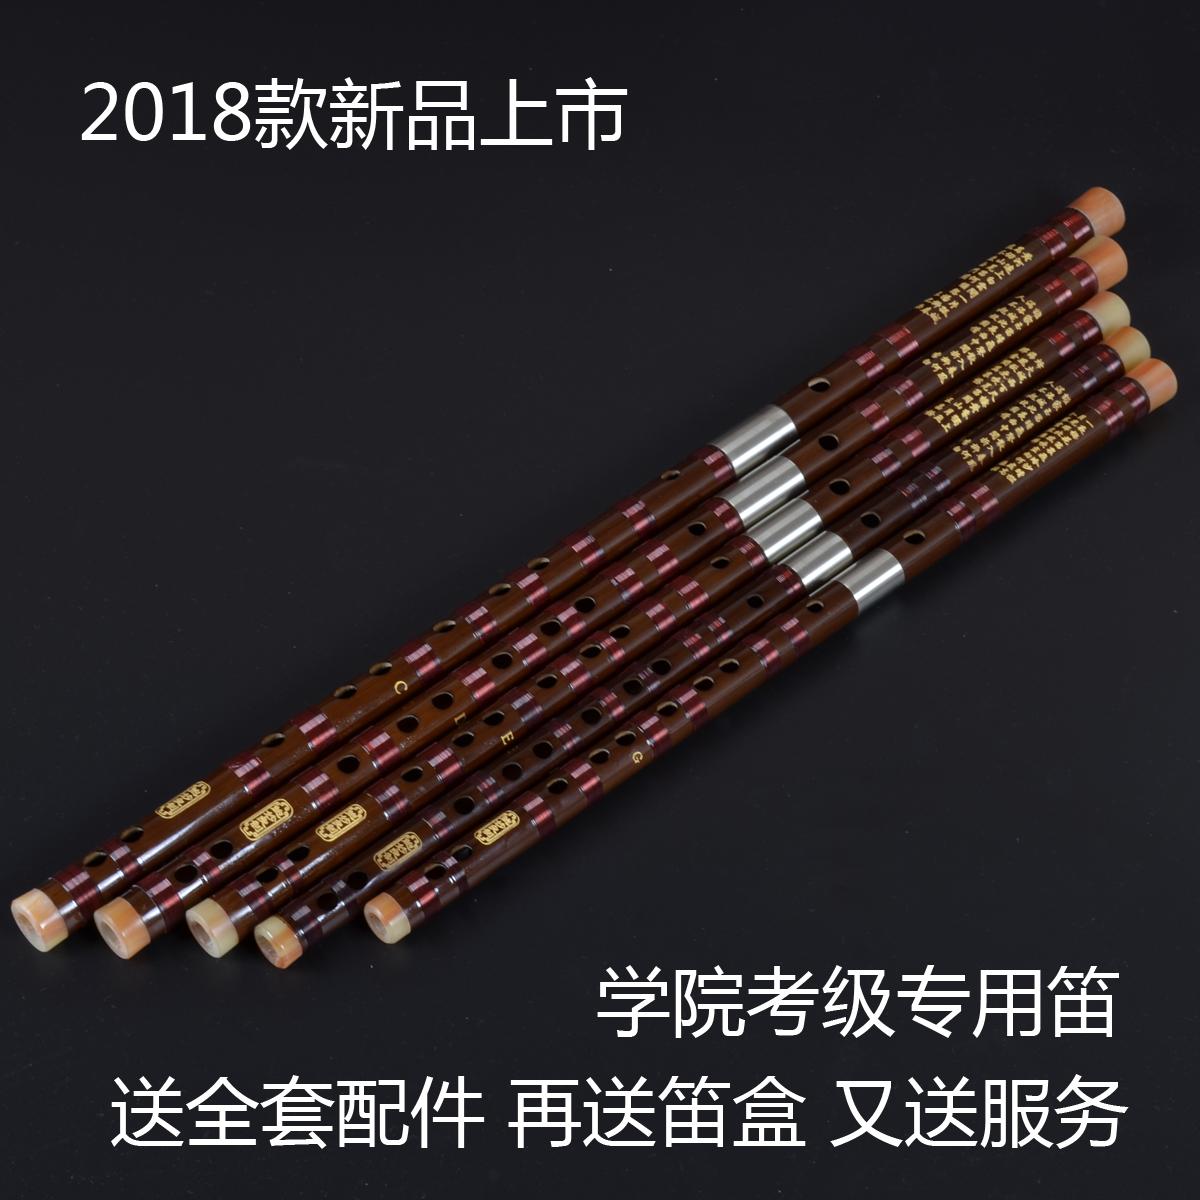 支套笛铝合金包装 7 支 5 专业黑色双接白铜竹笛乐器 套笛精品 包邮